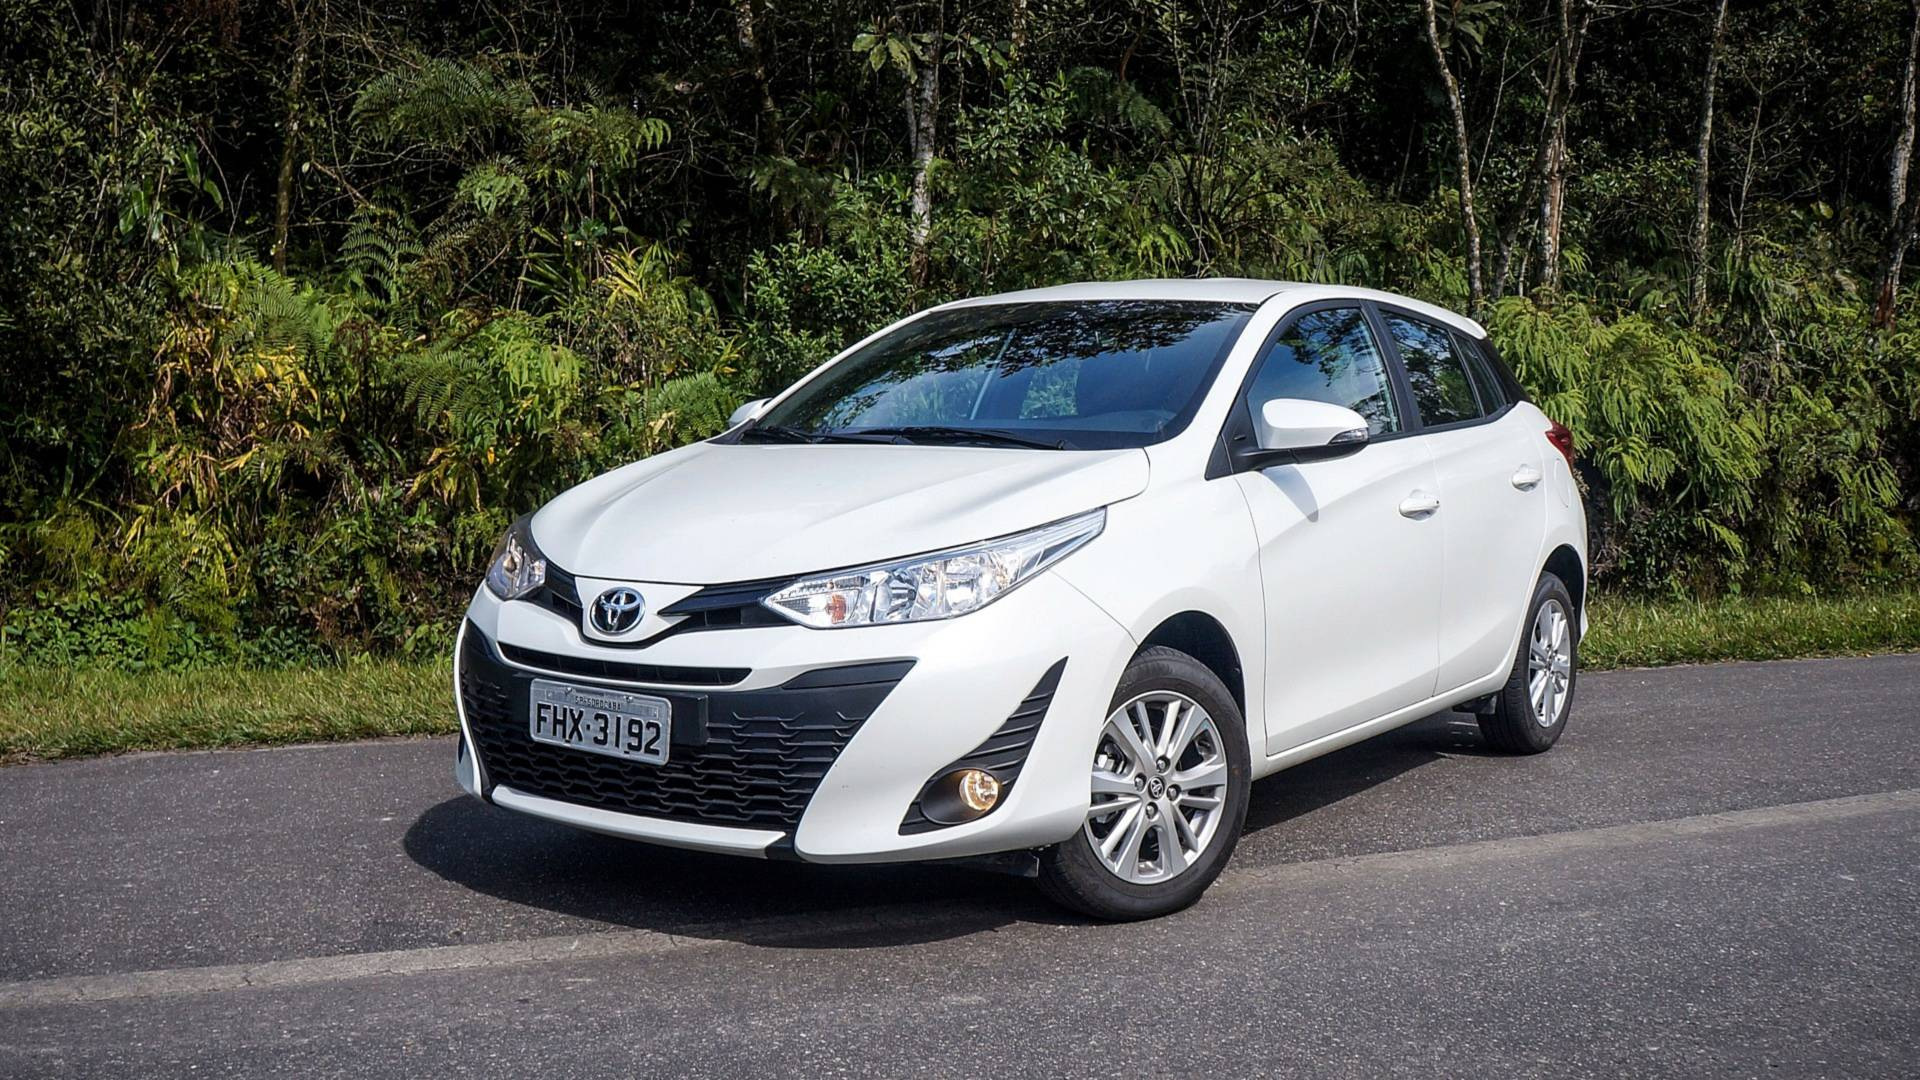 Toyota Yaris Hatch fica mais caro - Veja tabela de preços completa Toyota-yaris-13-abre